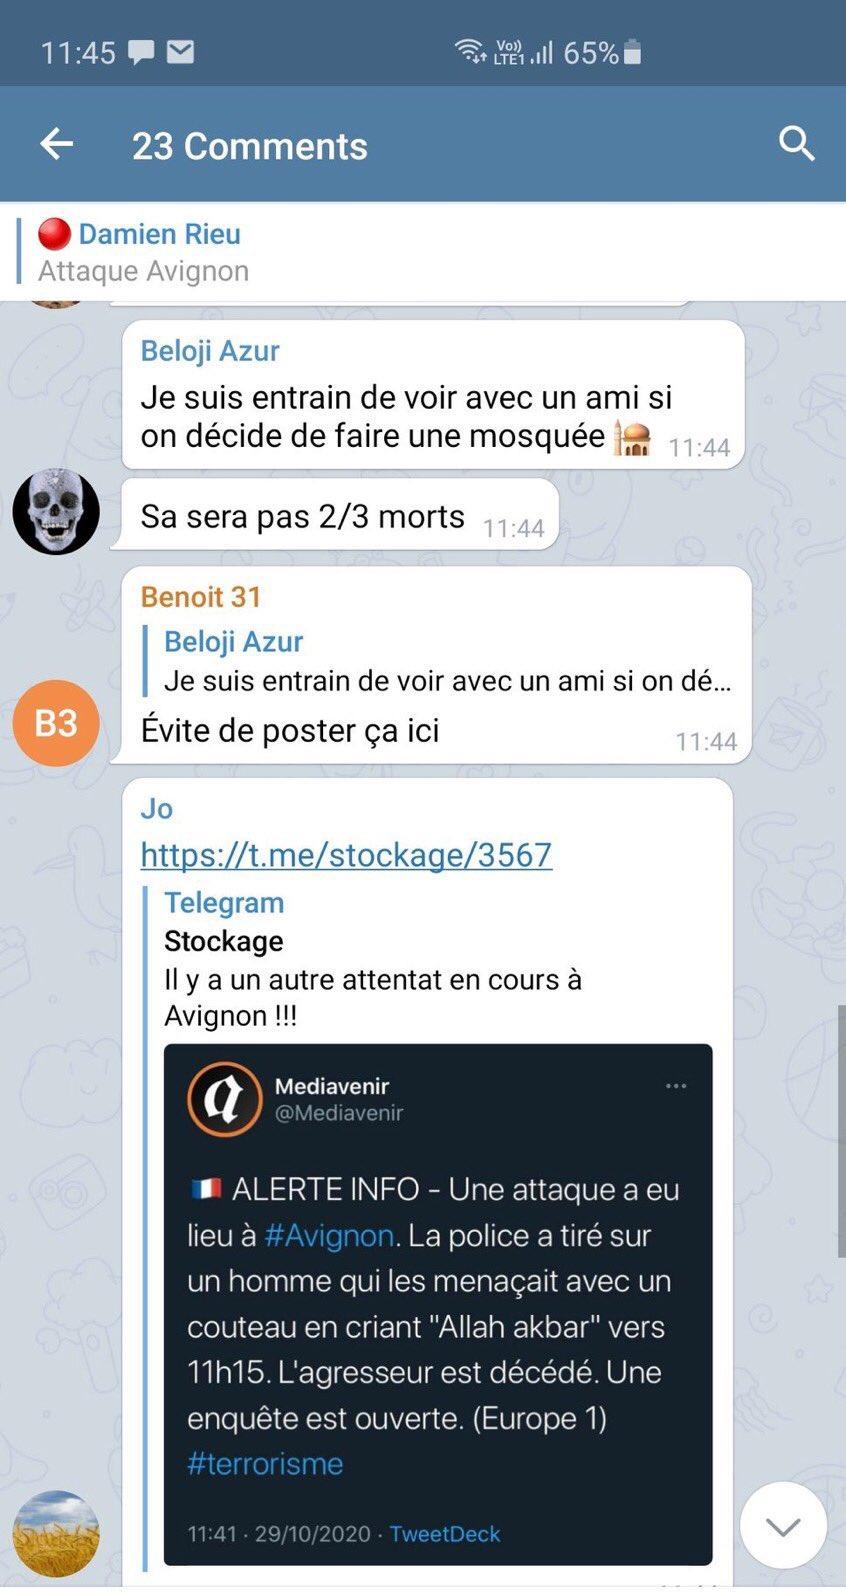 Le Télégram de Damien Rieu appelle a commettre un attentat dans une mosquée